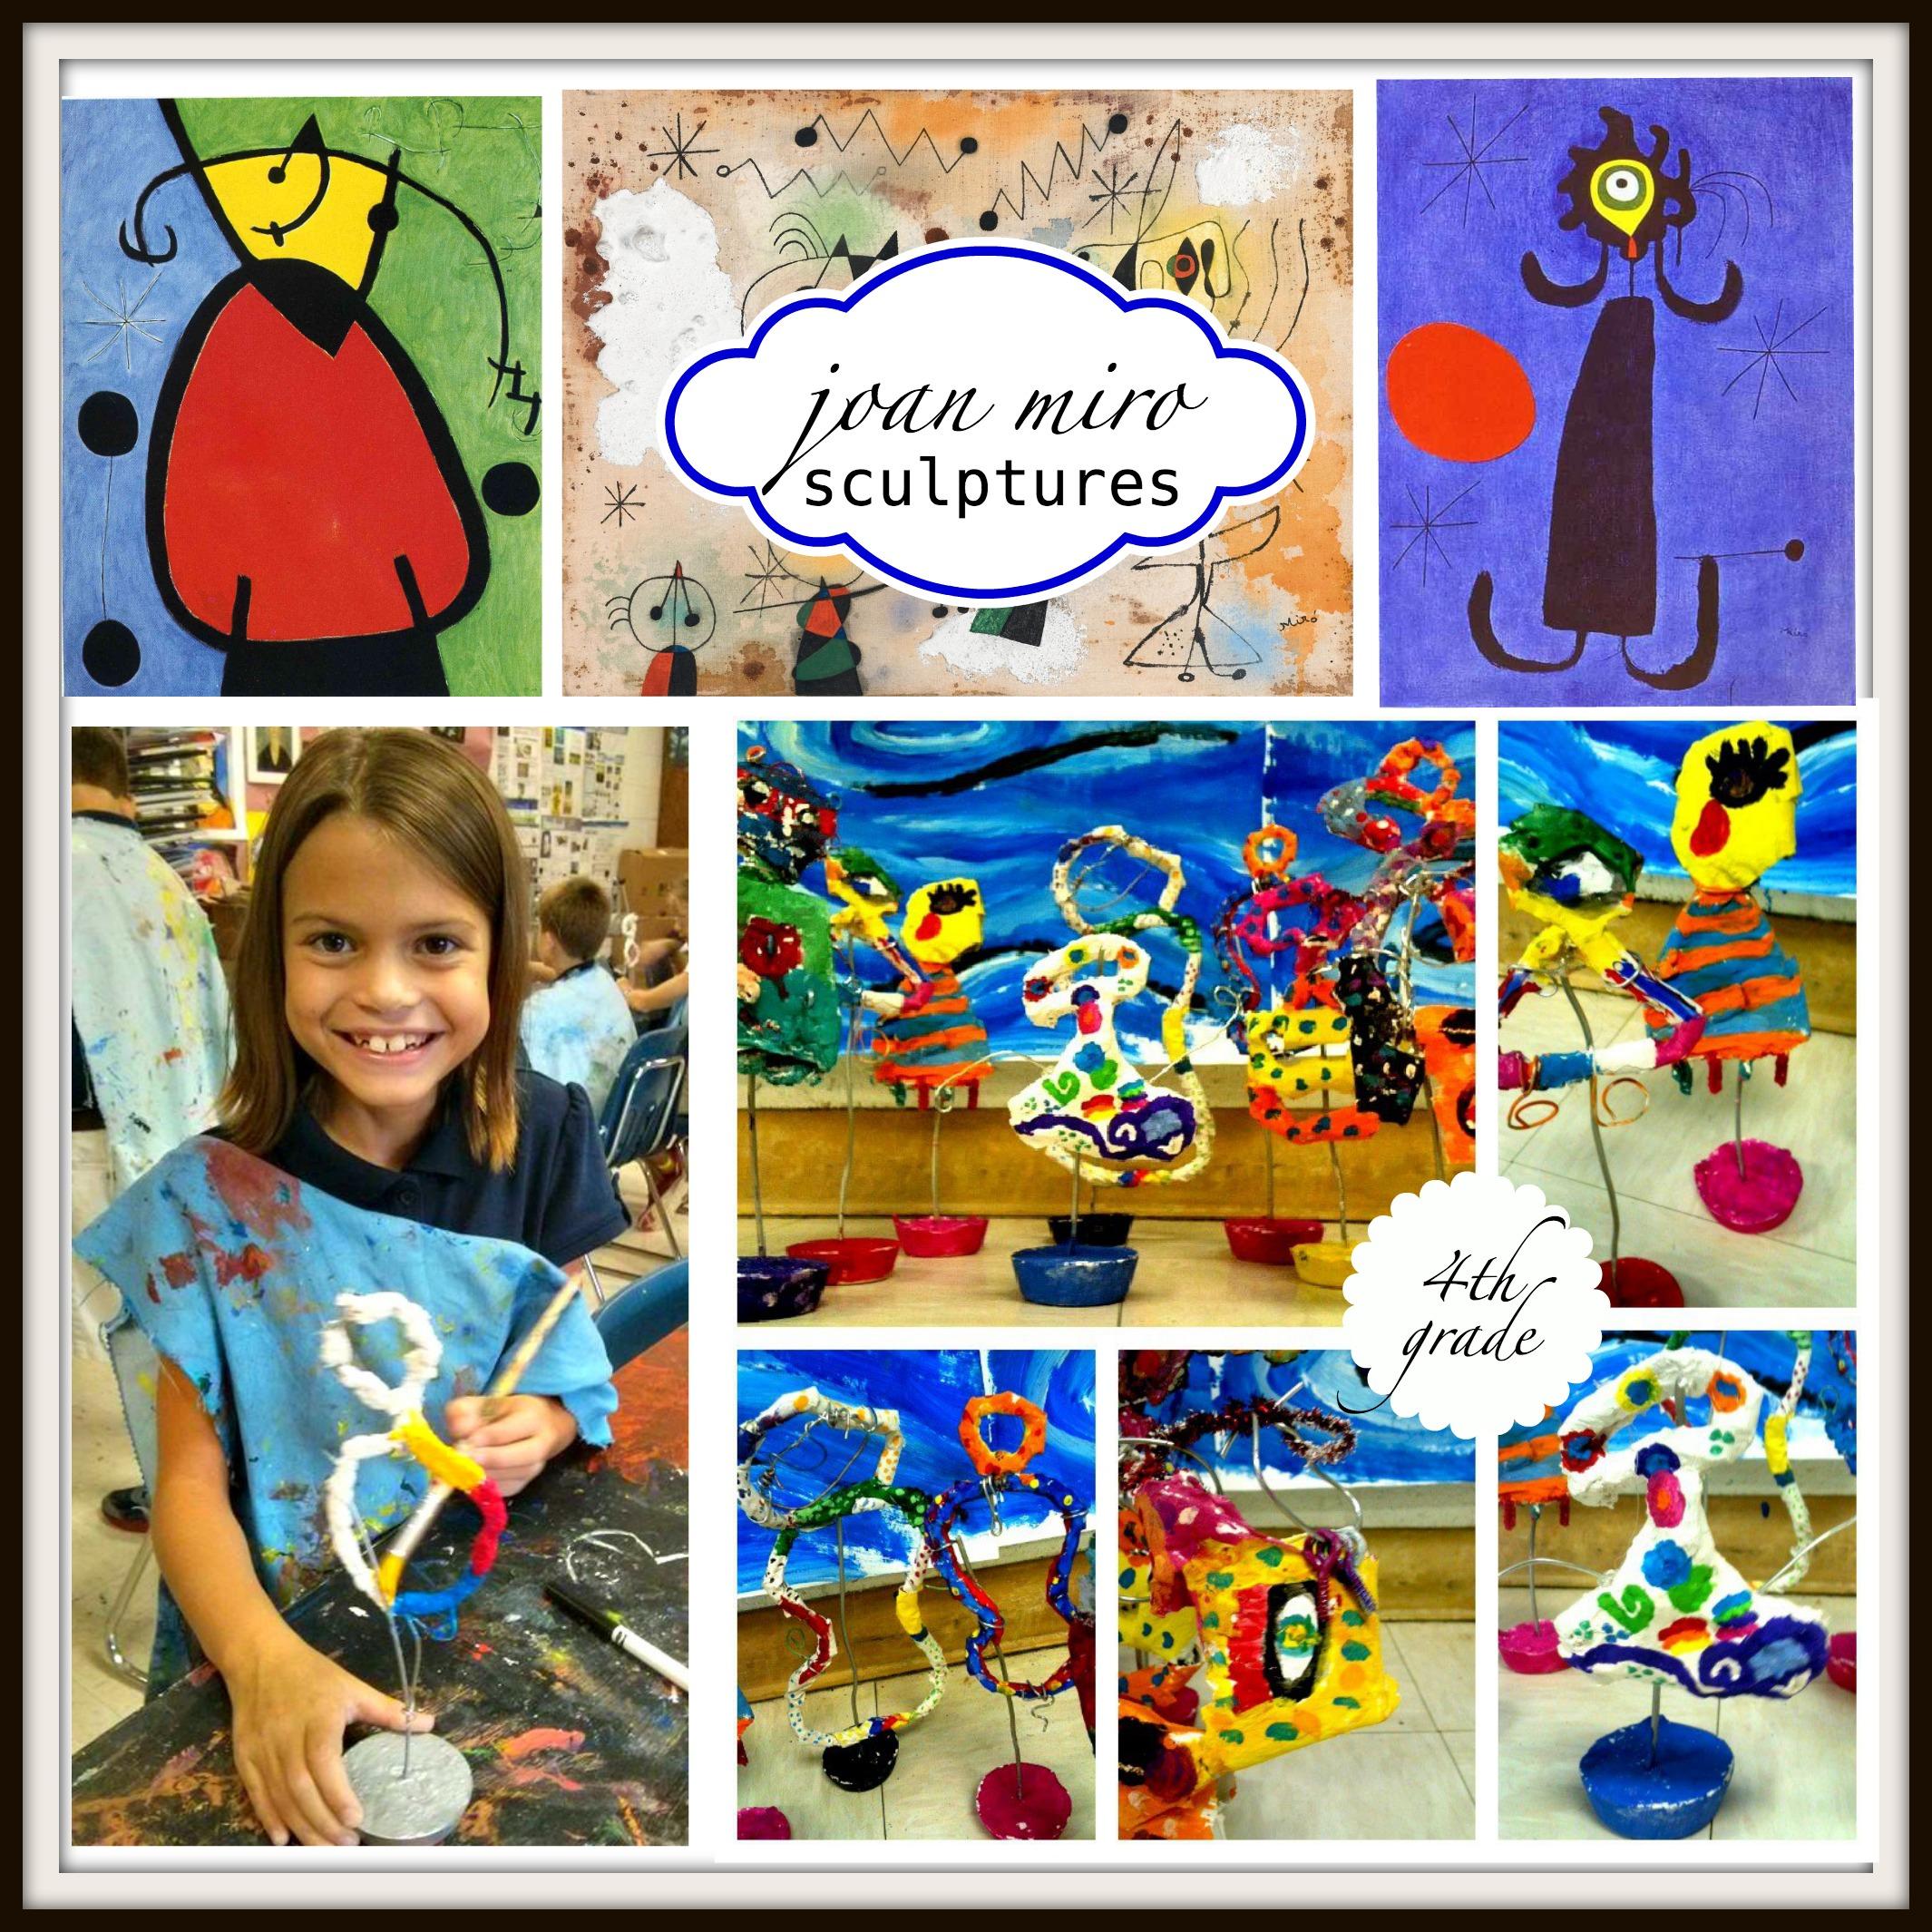 Joan Miro Sculptures